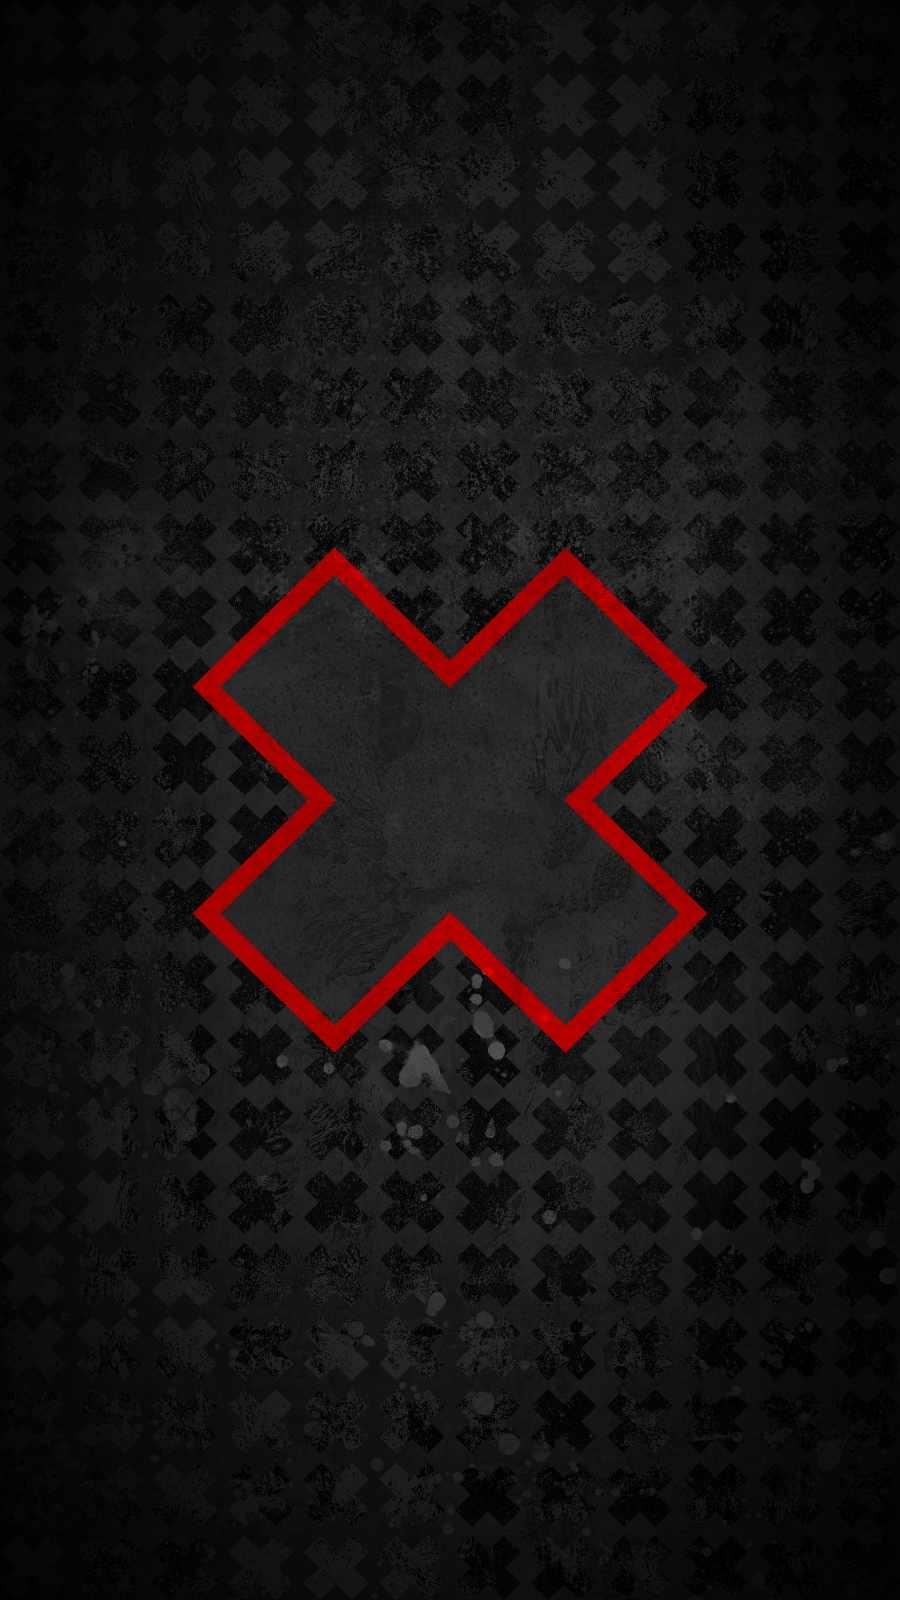 X Art iPhone Wallpaper